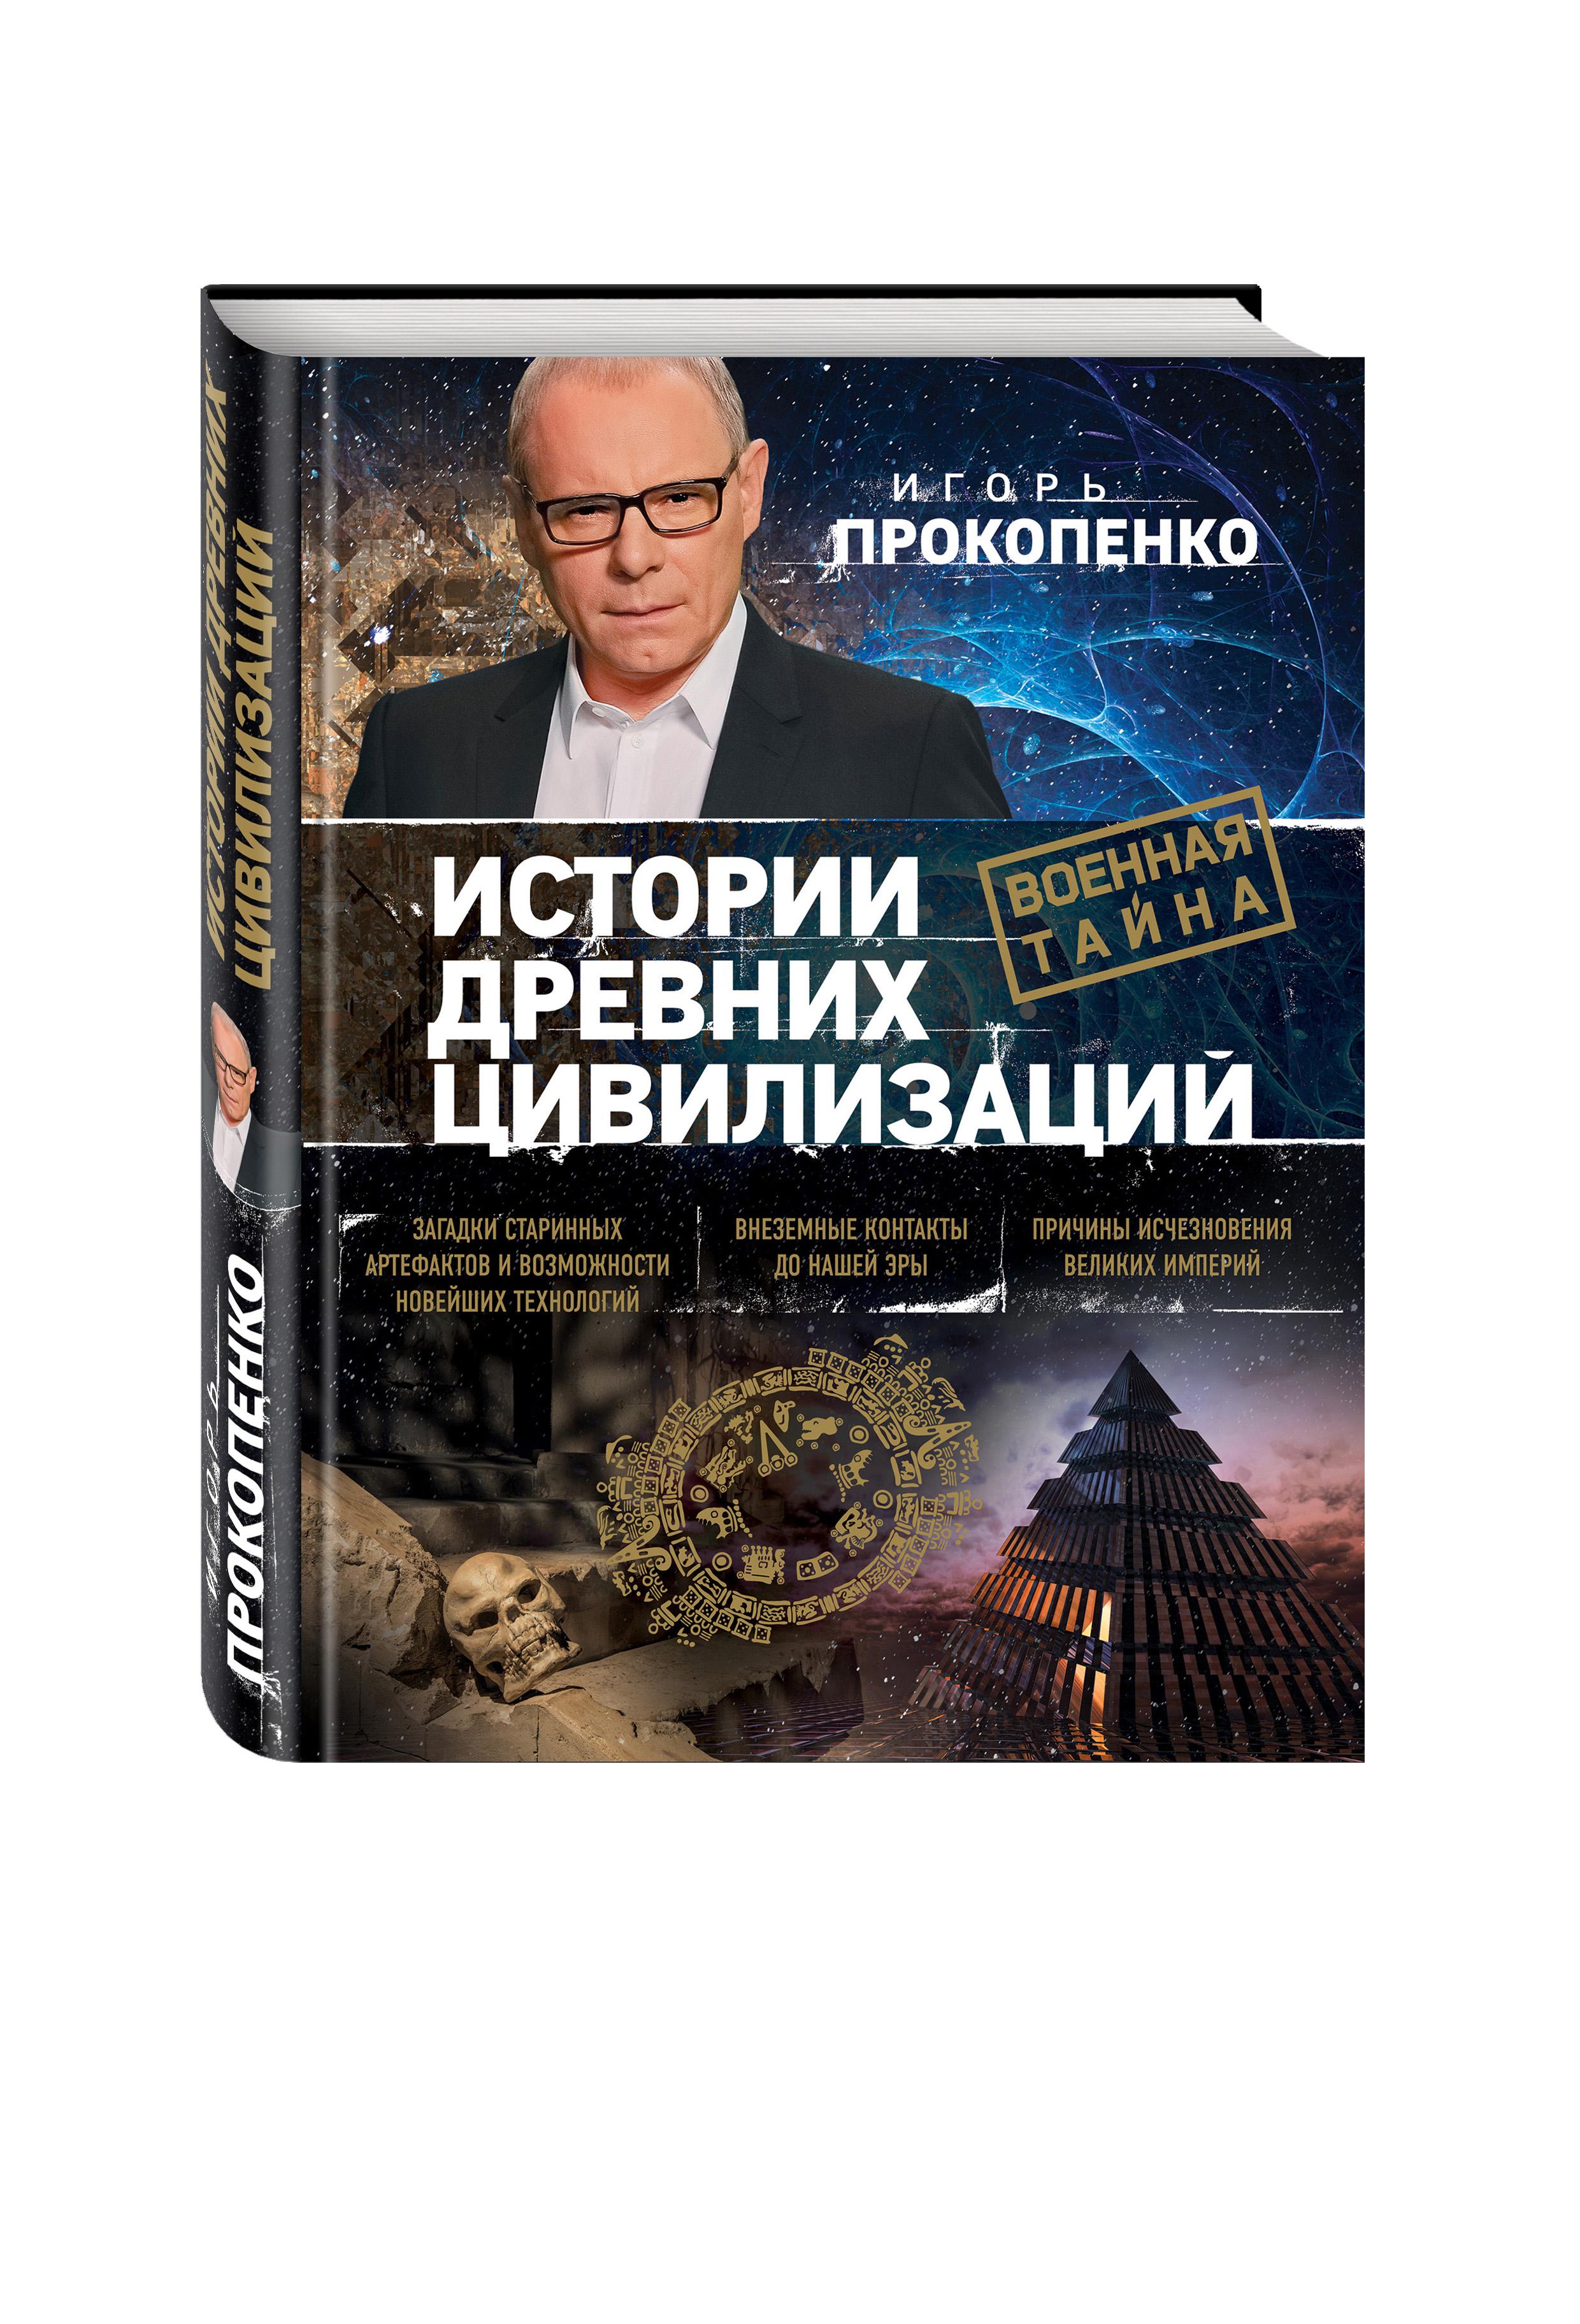 Истории древних цивилизаций от book24.ru